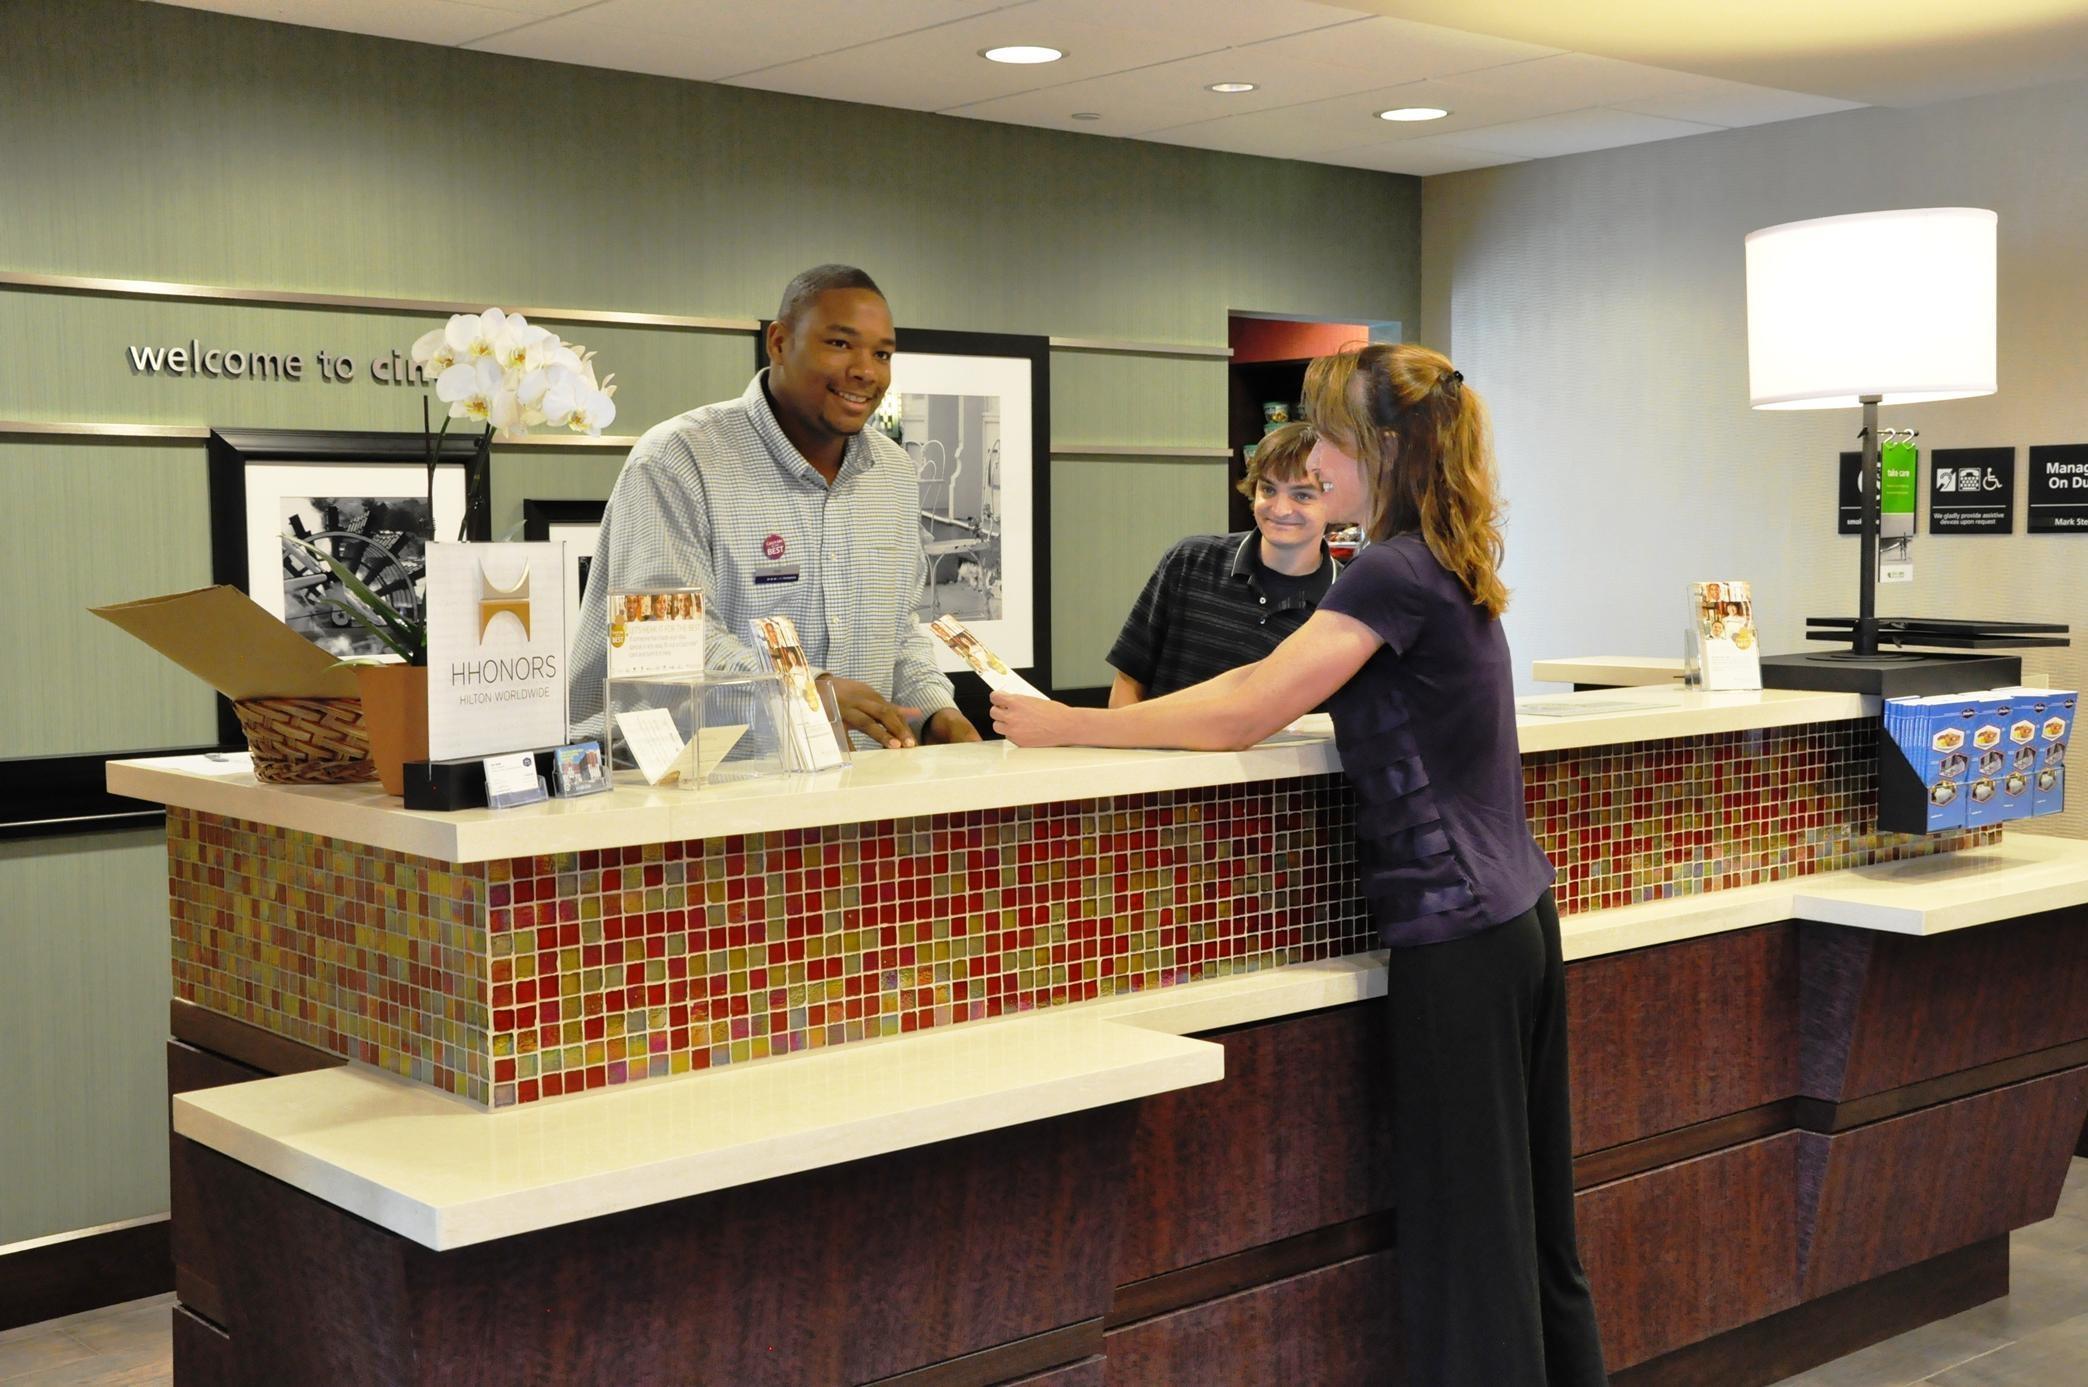 Hampton Inn & Suites Cincinnati/Uptown-University Area image 2